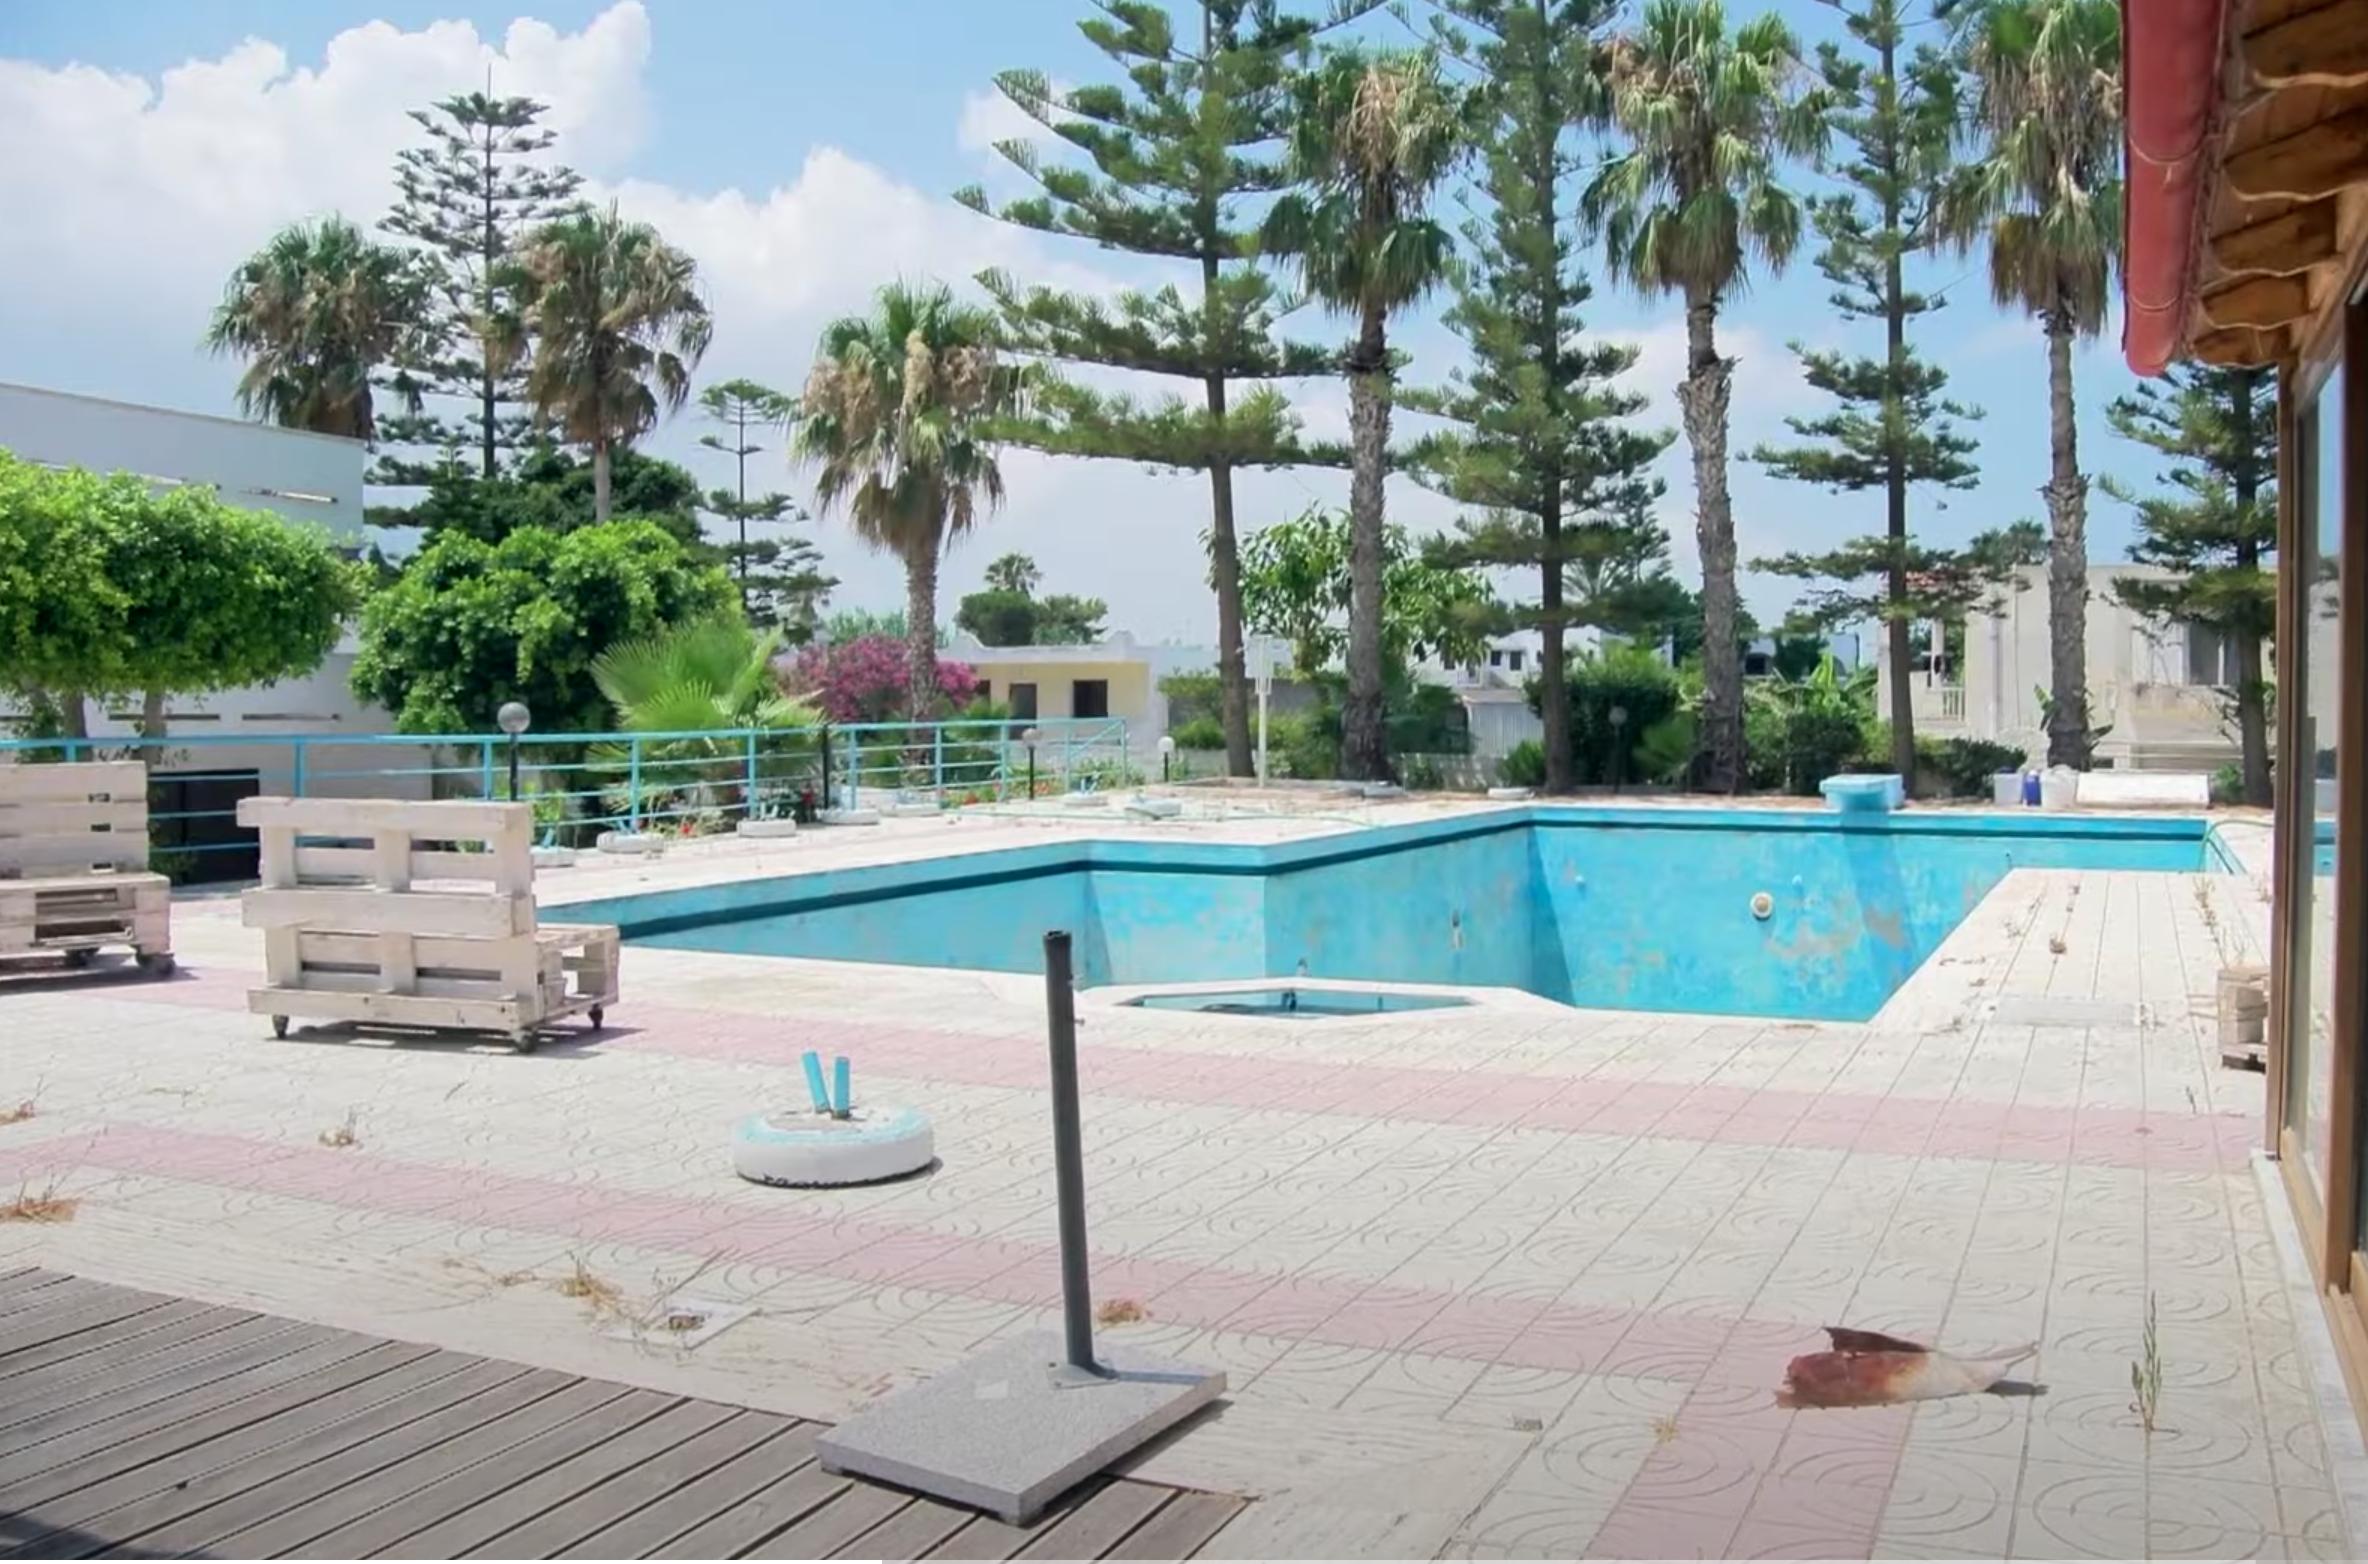 À Kos, l'une des îles grecques les plus touristiques, les professionnels du tourisme sont les victimes collatérales de la pandémie